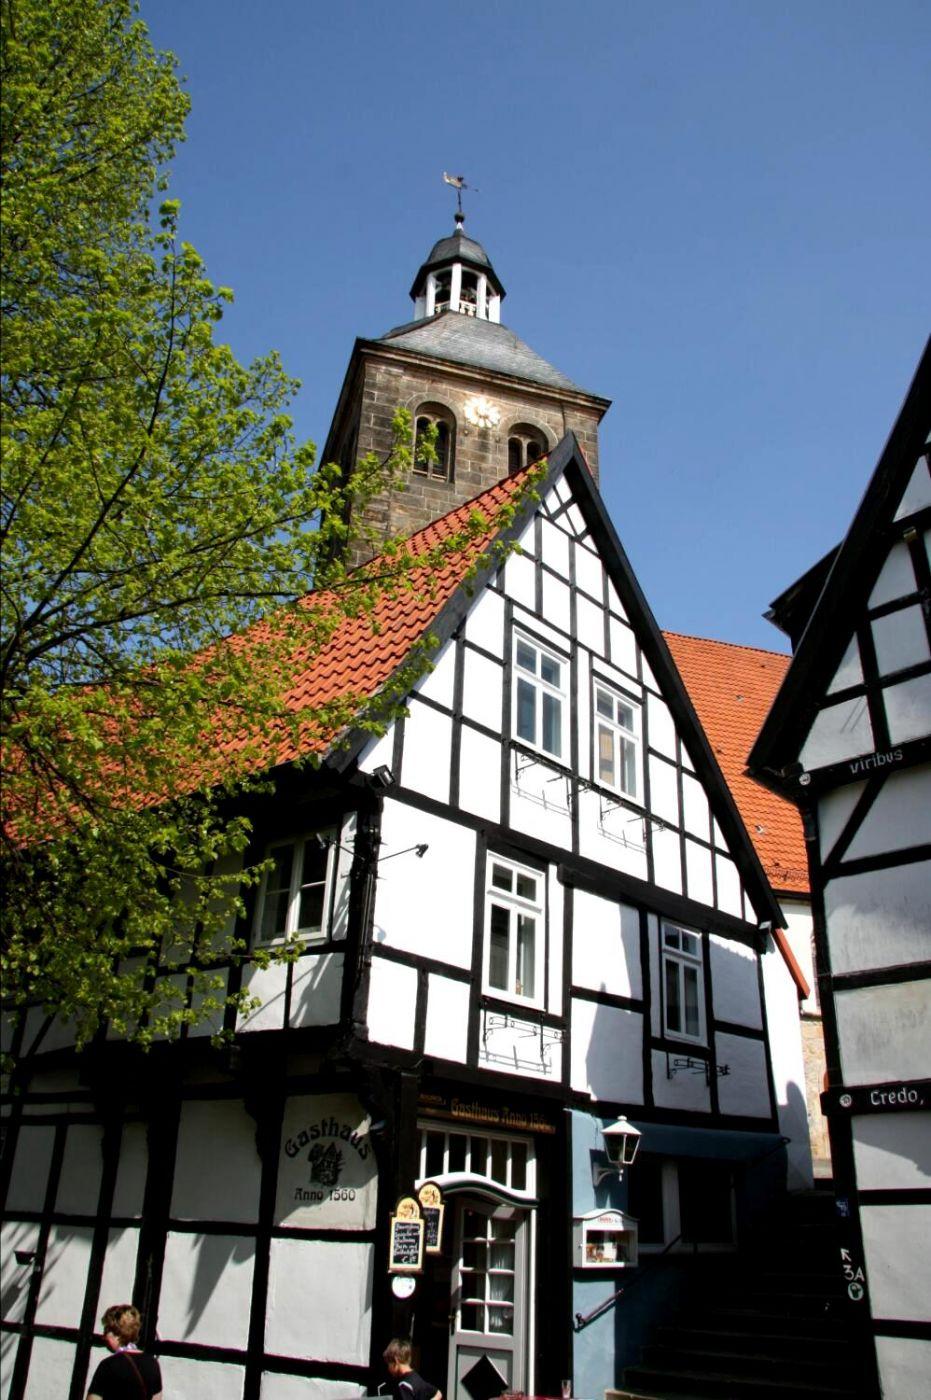 Traufenhaus und ev. Kirche in Tecklenburg, Germany